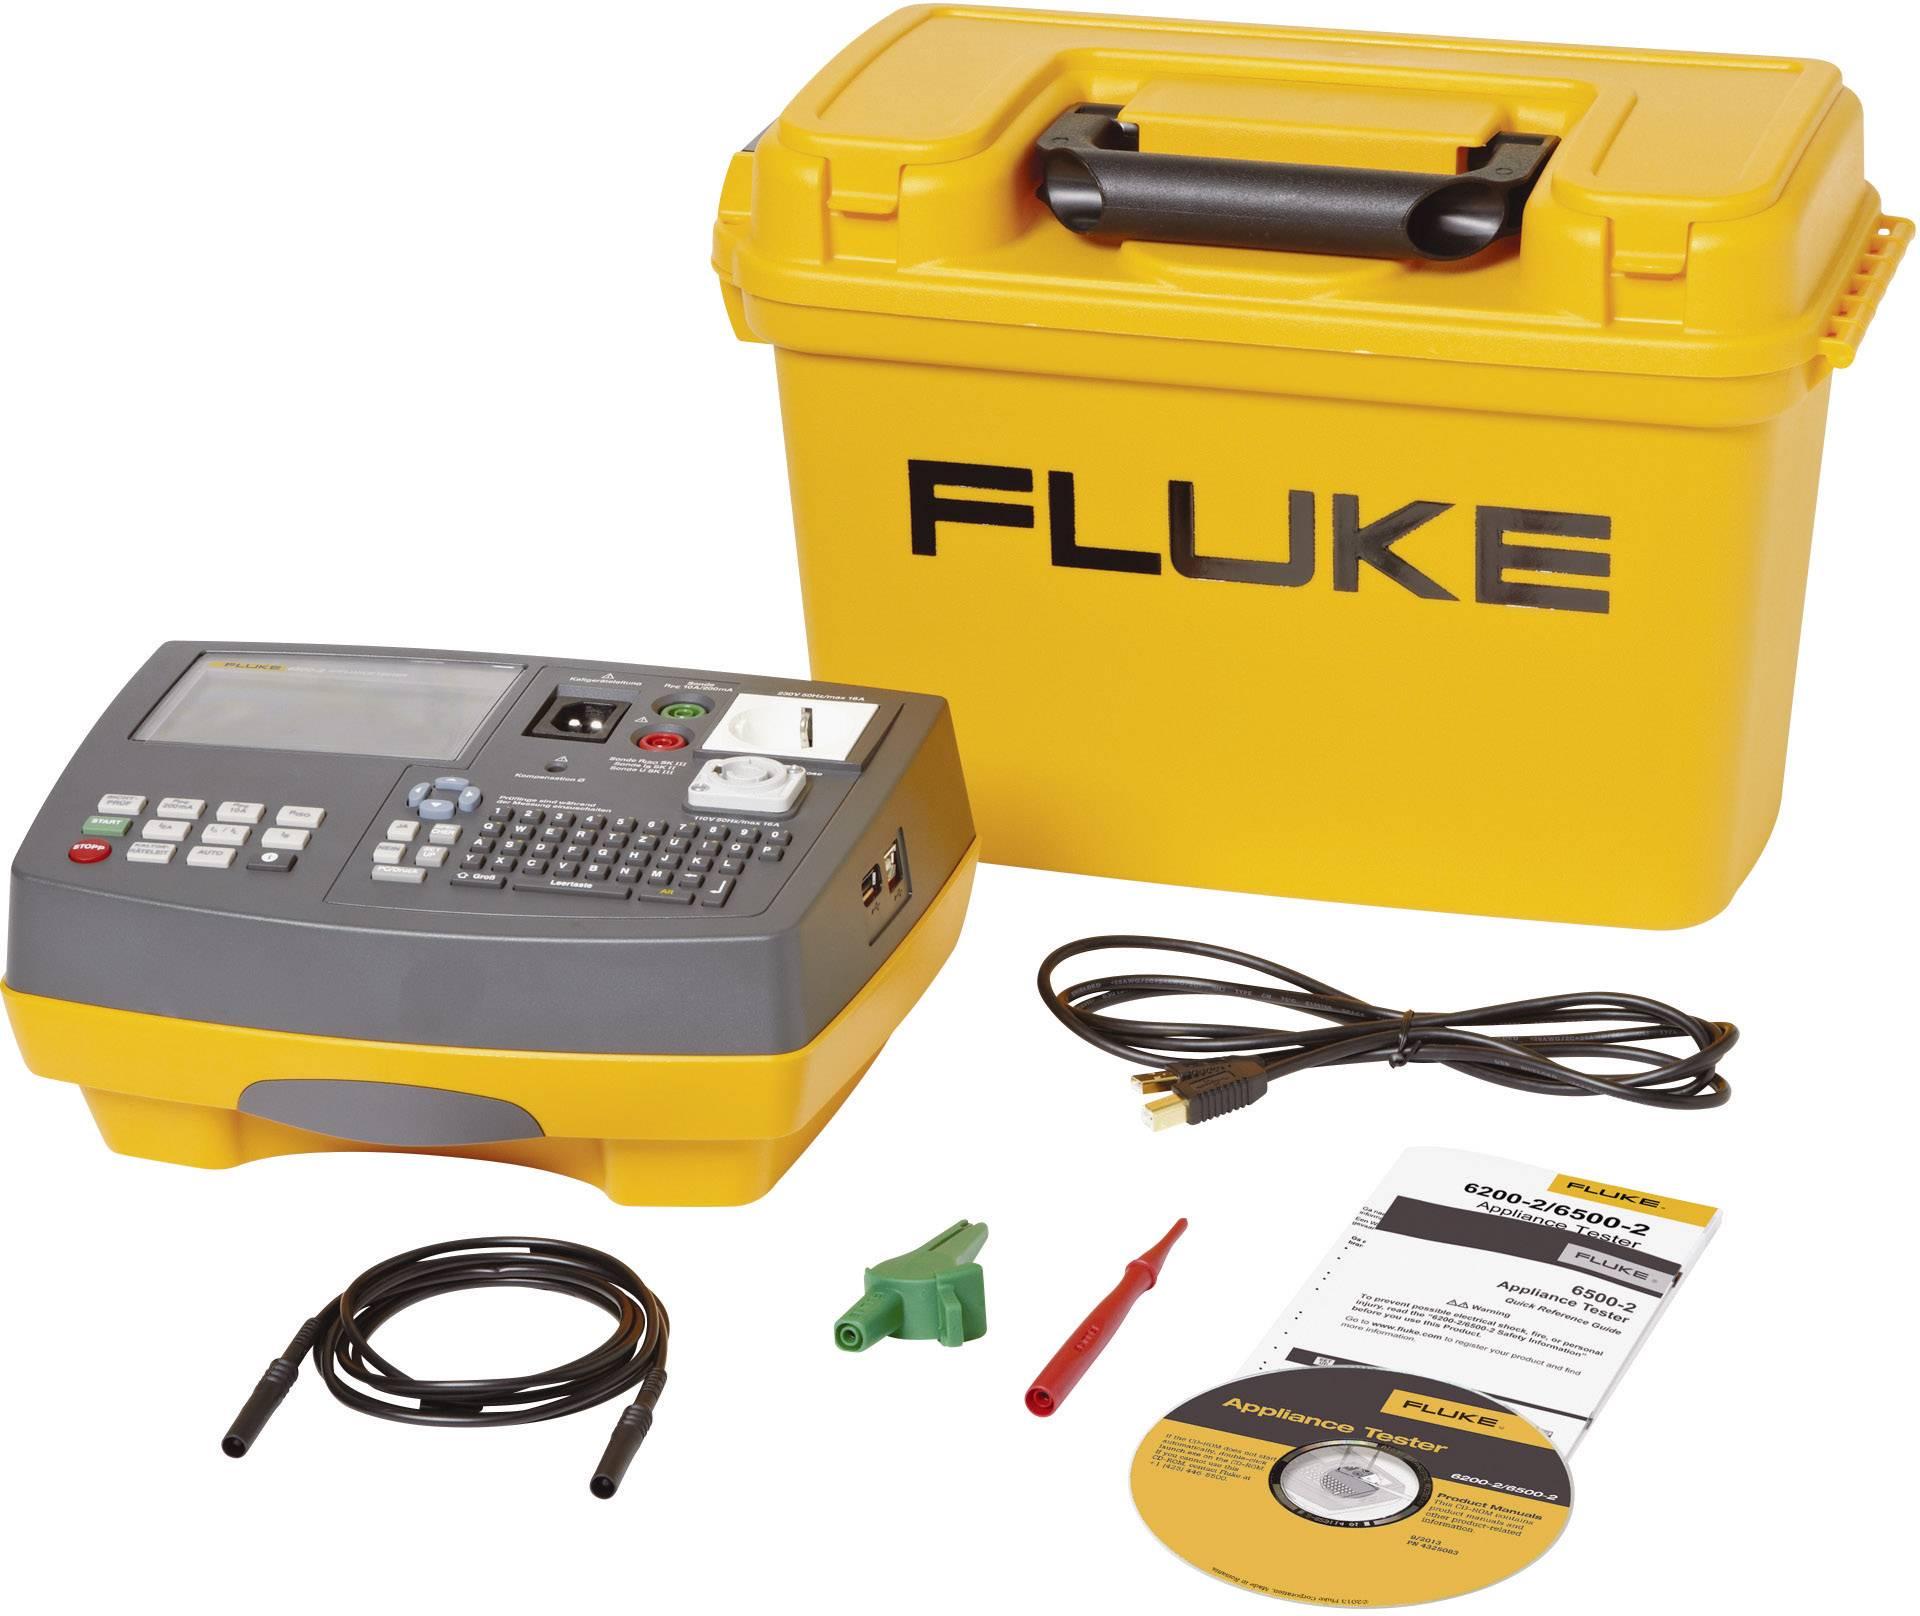 Fluke 6500-2